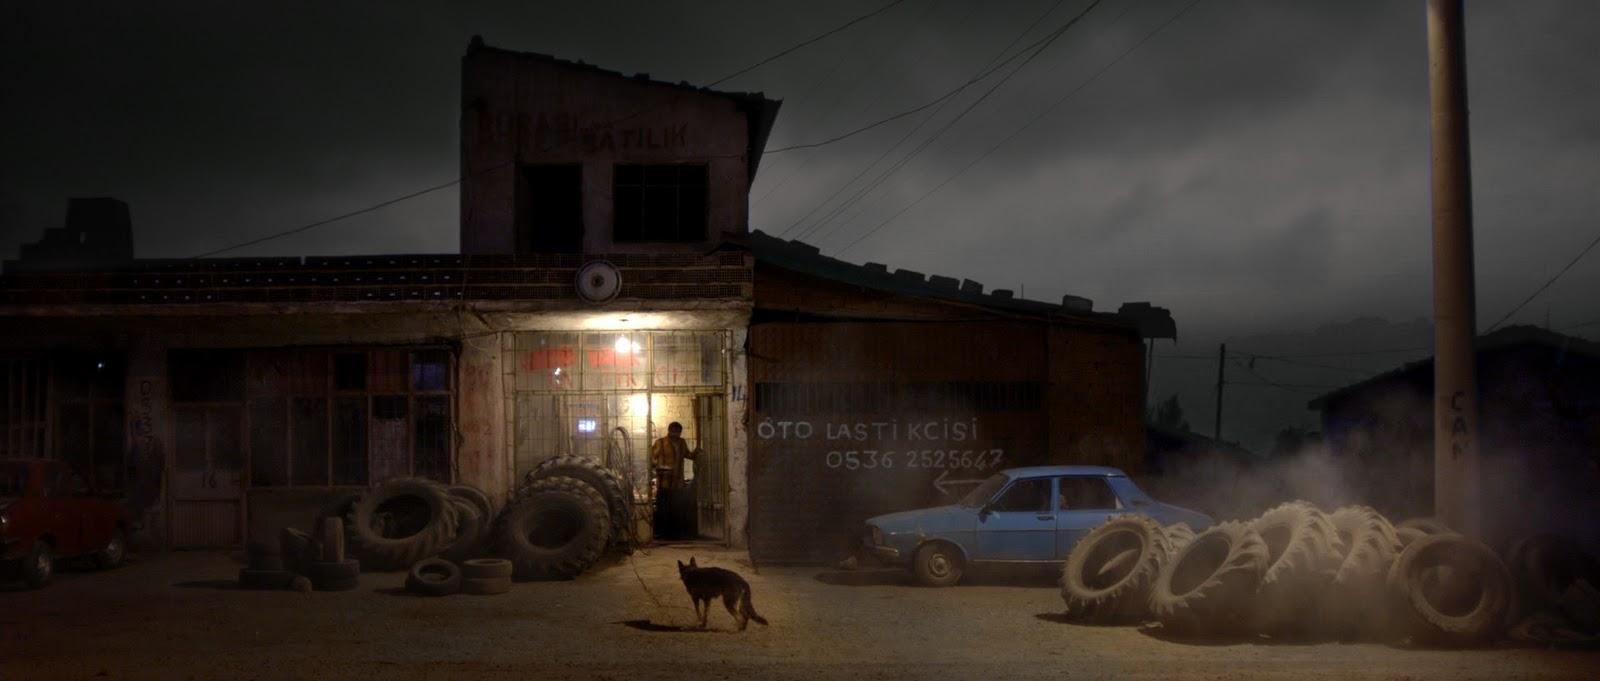 På søken etter mennesket i Once Upon a Time in Anatolia